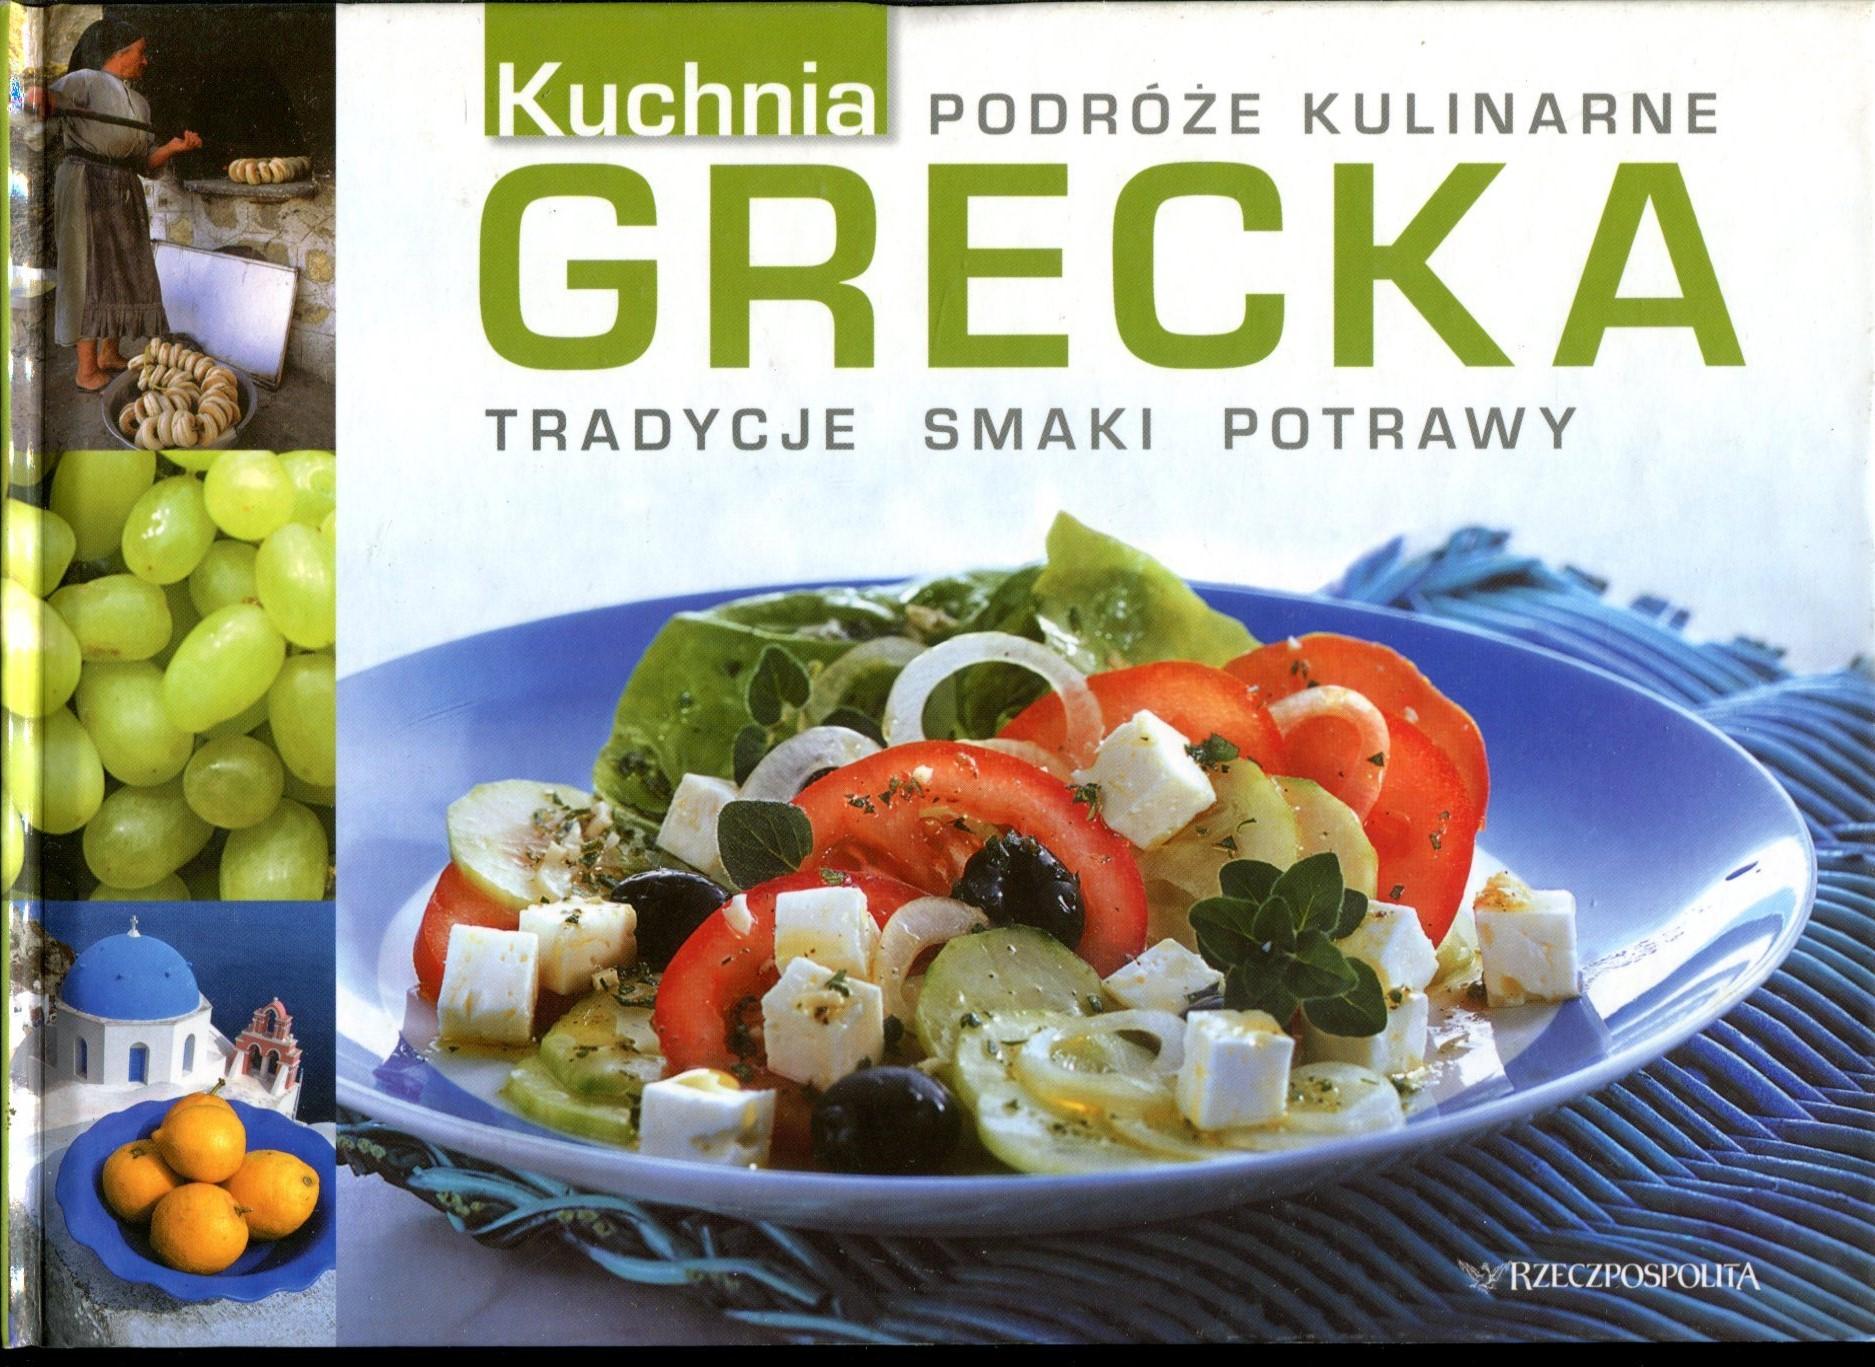 Kuchnia Grecka Tradycje Smaki Potrawy 7236736290 Oficjalne